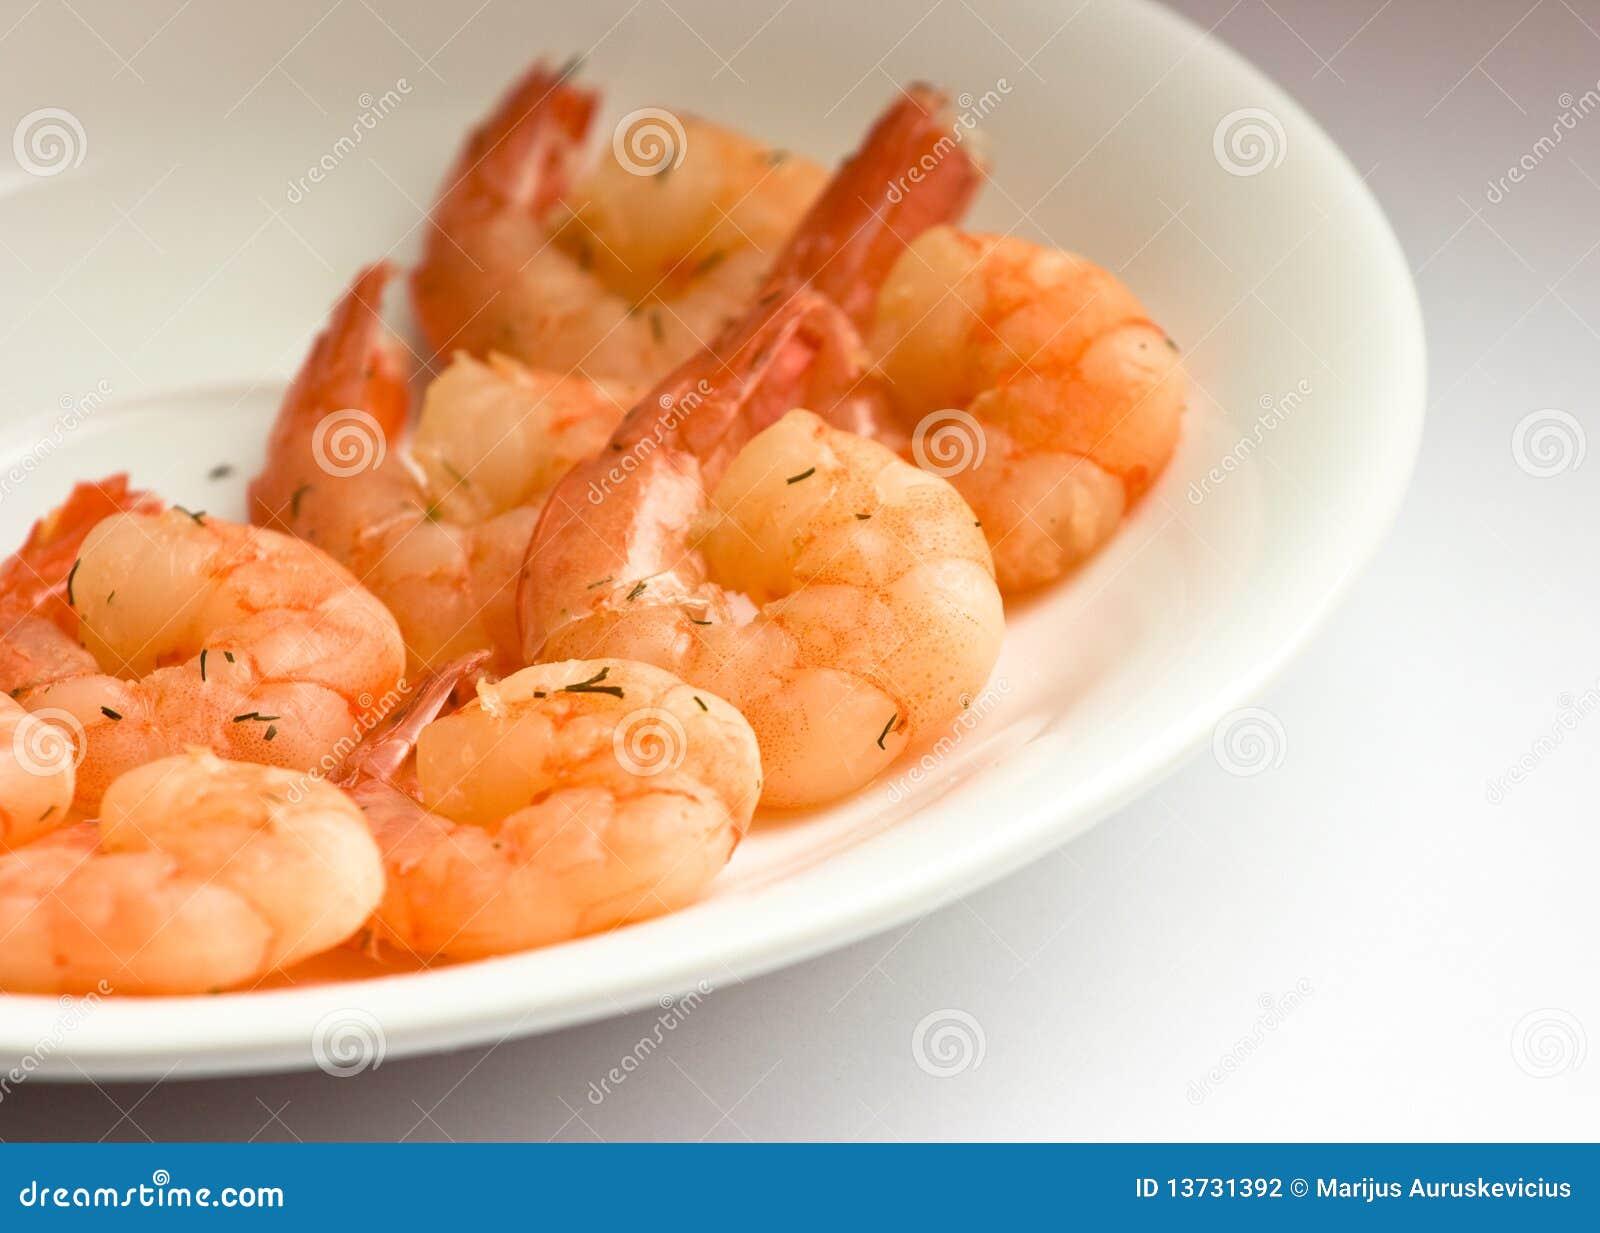 Shrimp Stock Photography - Image: 13731392